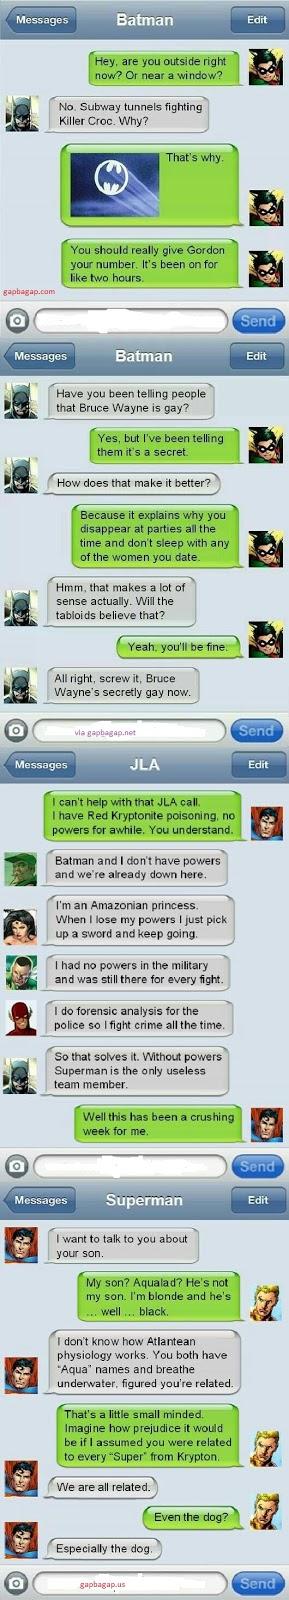 Top 4 Hilarious Text Messages About Batman vs. Sup